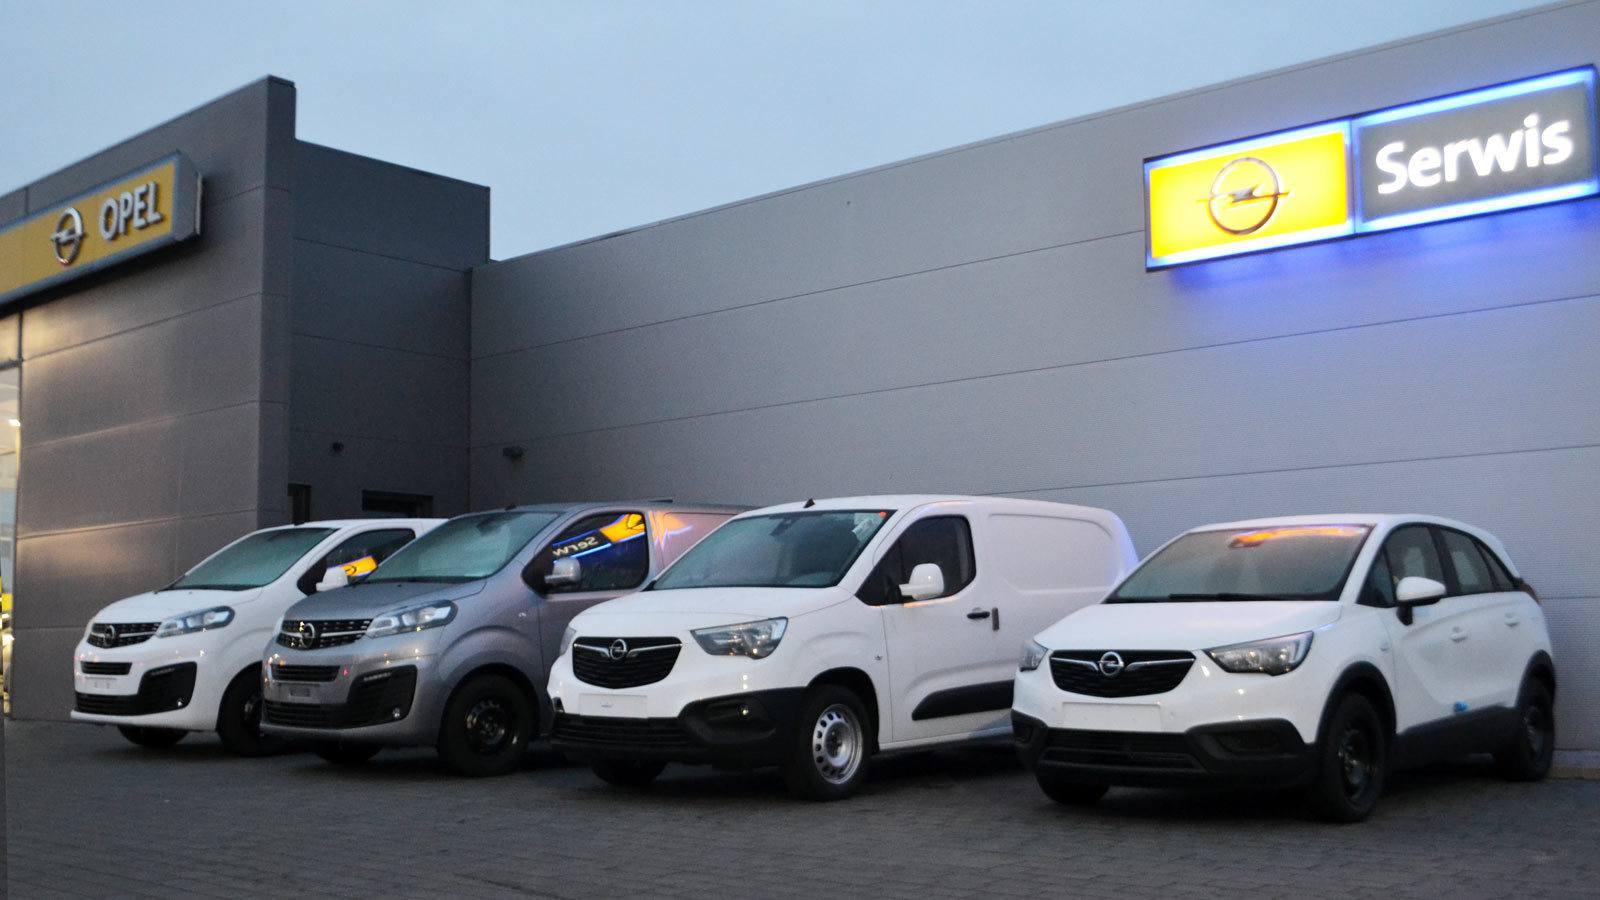 Stacja ASO Opel Piotrków Trybunalski, samochody nowe, wieczór, szyld BSP